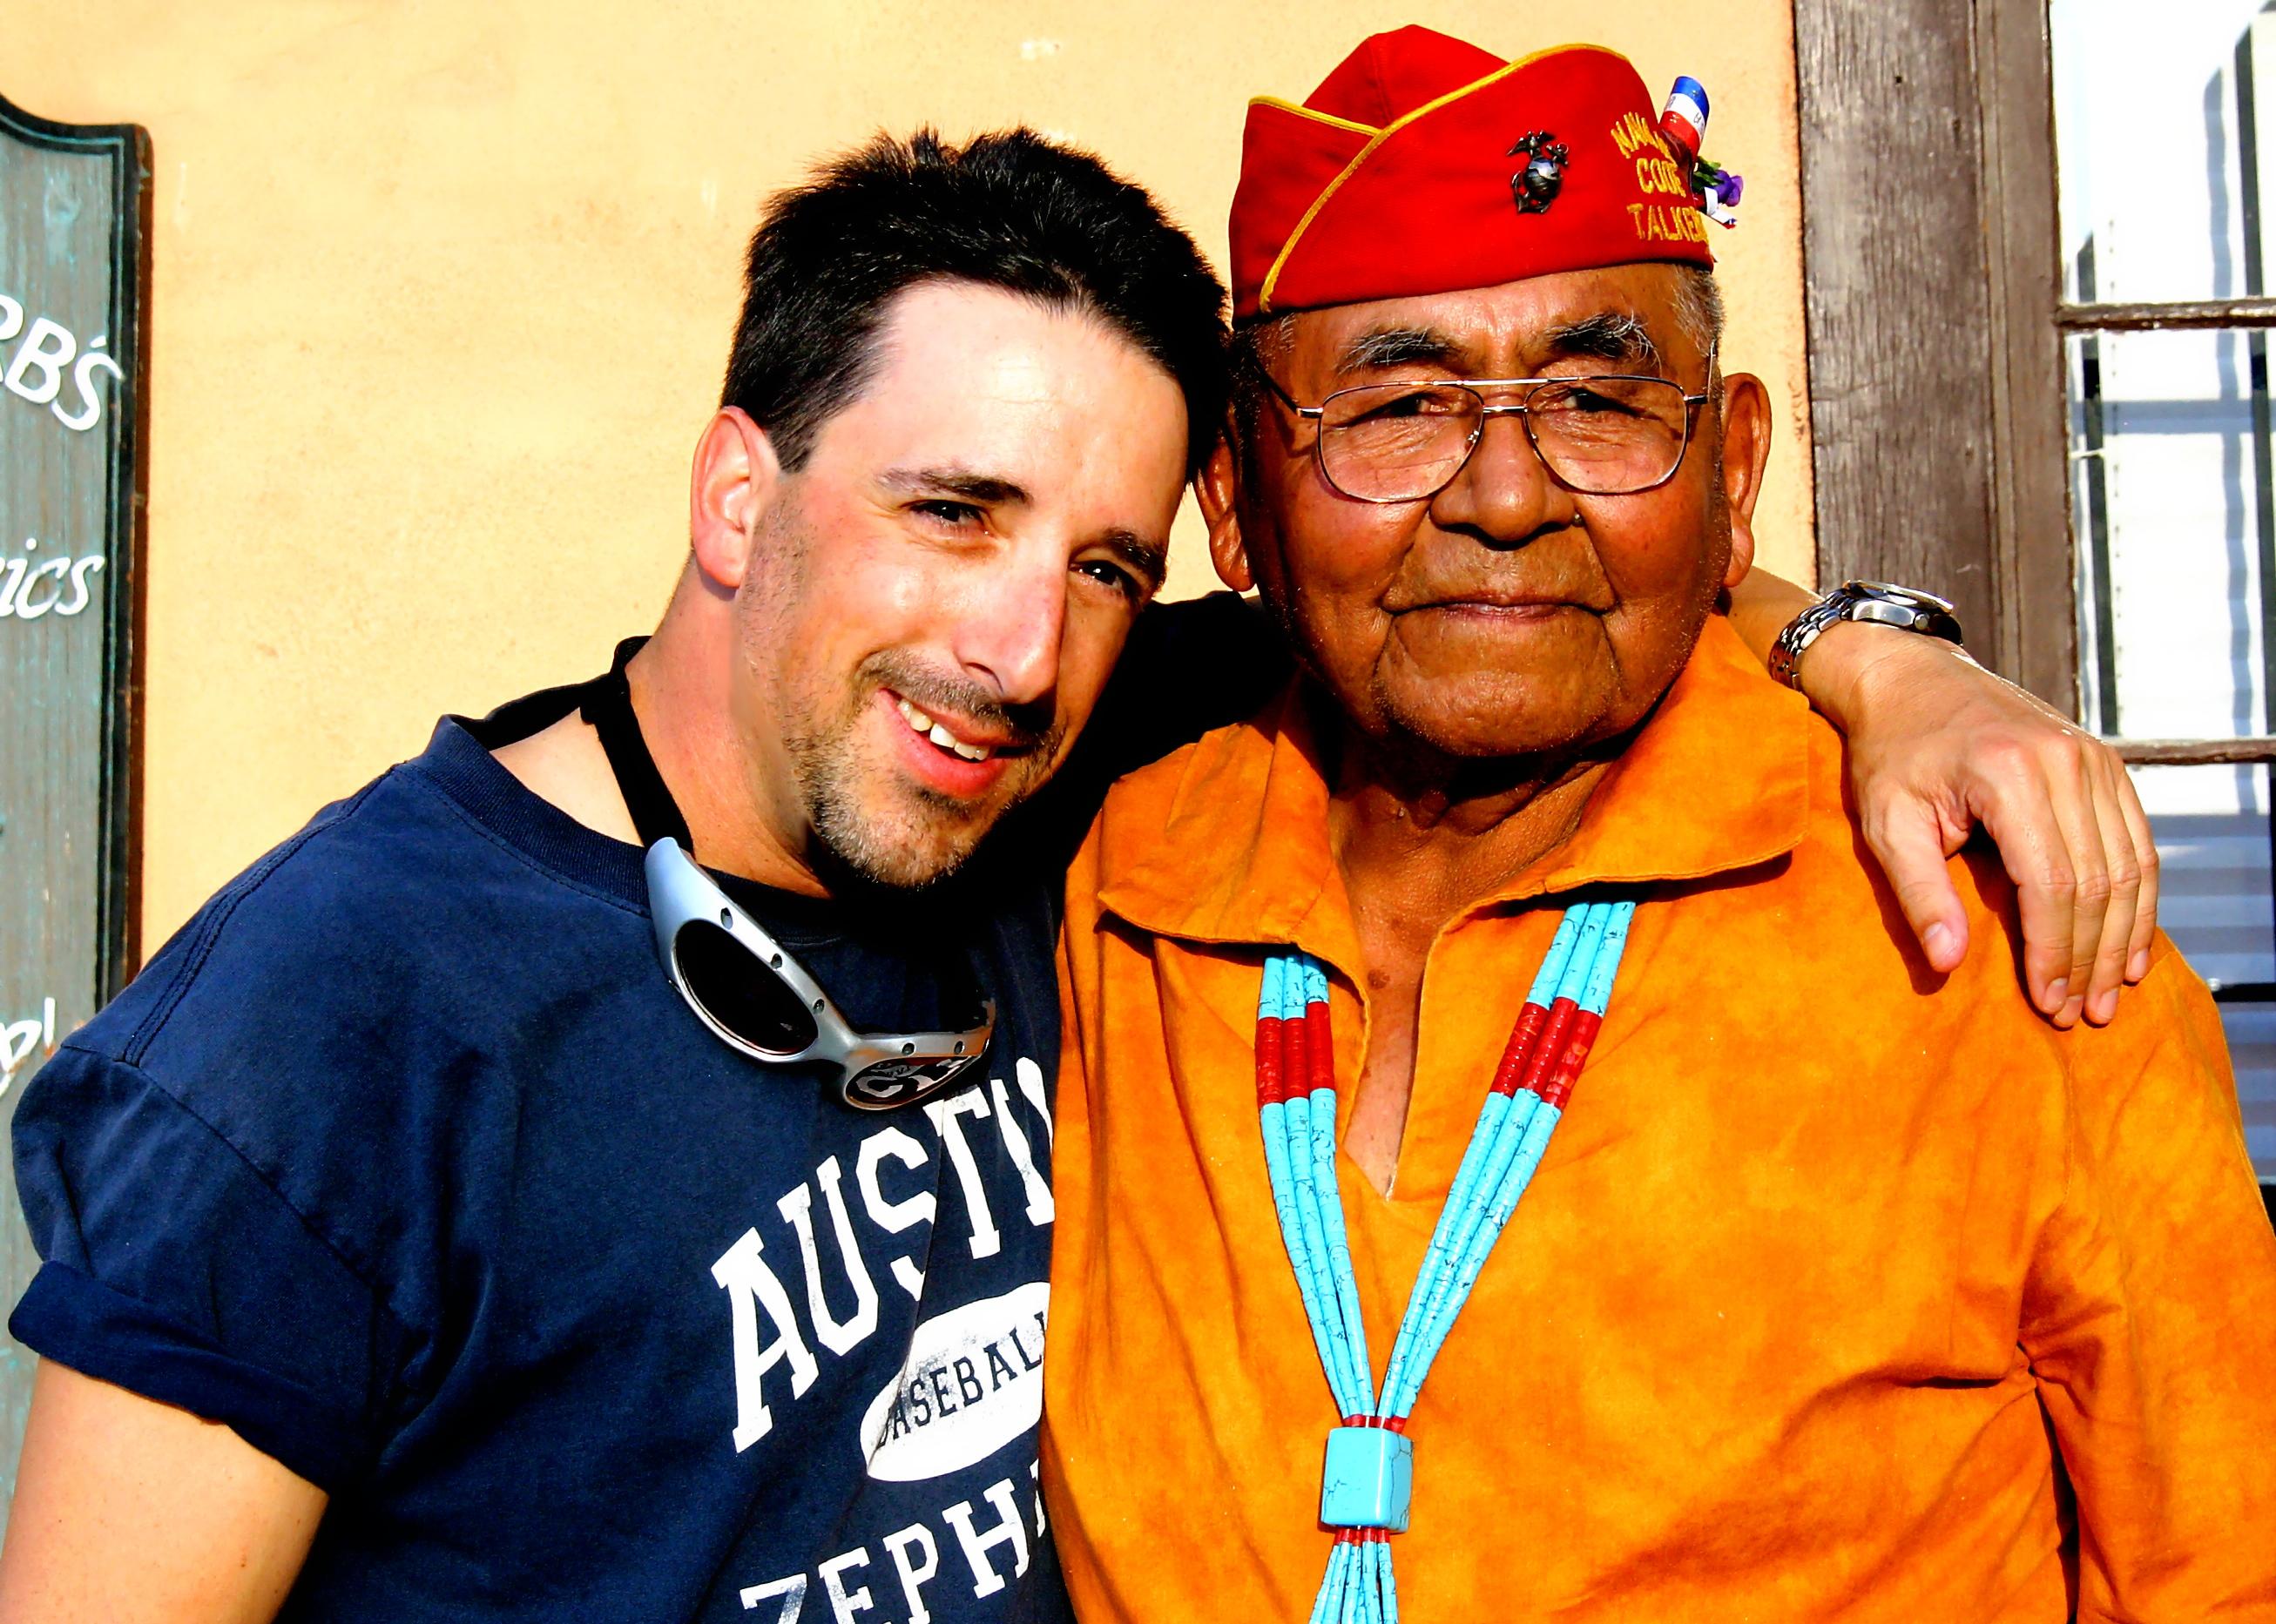 Me and Navajo Code Breaker